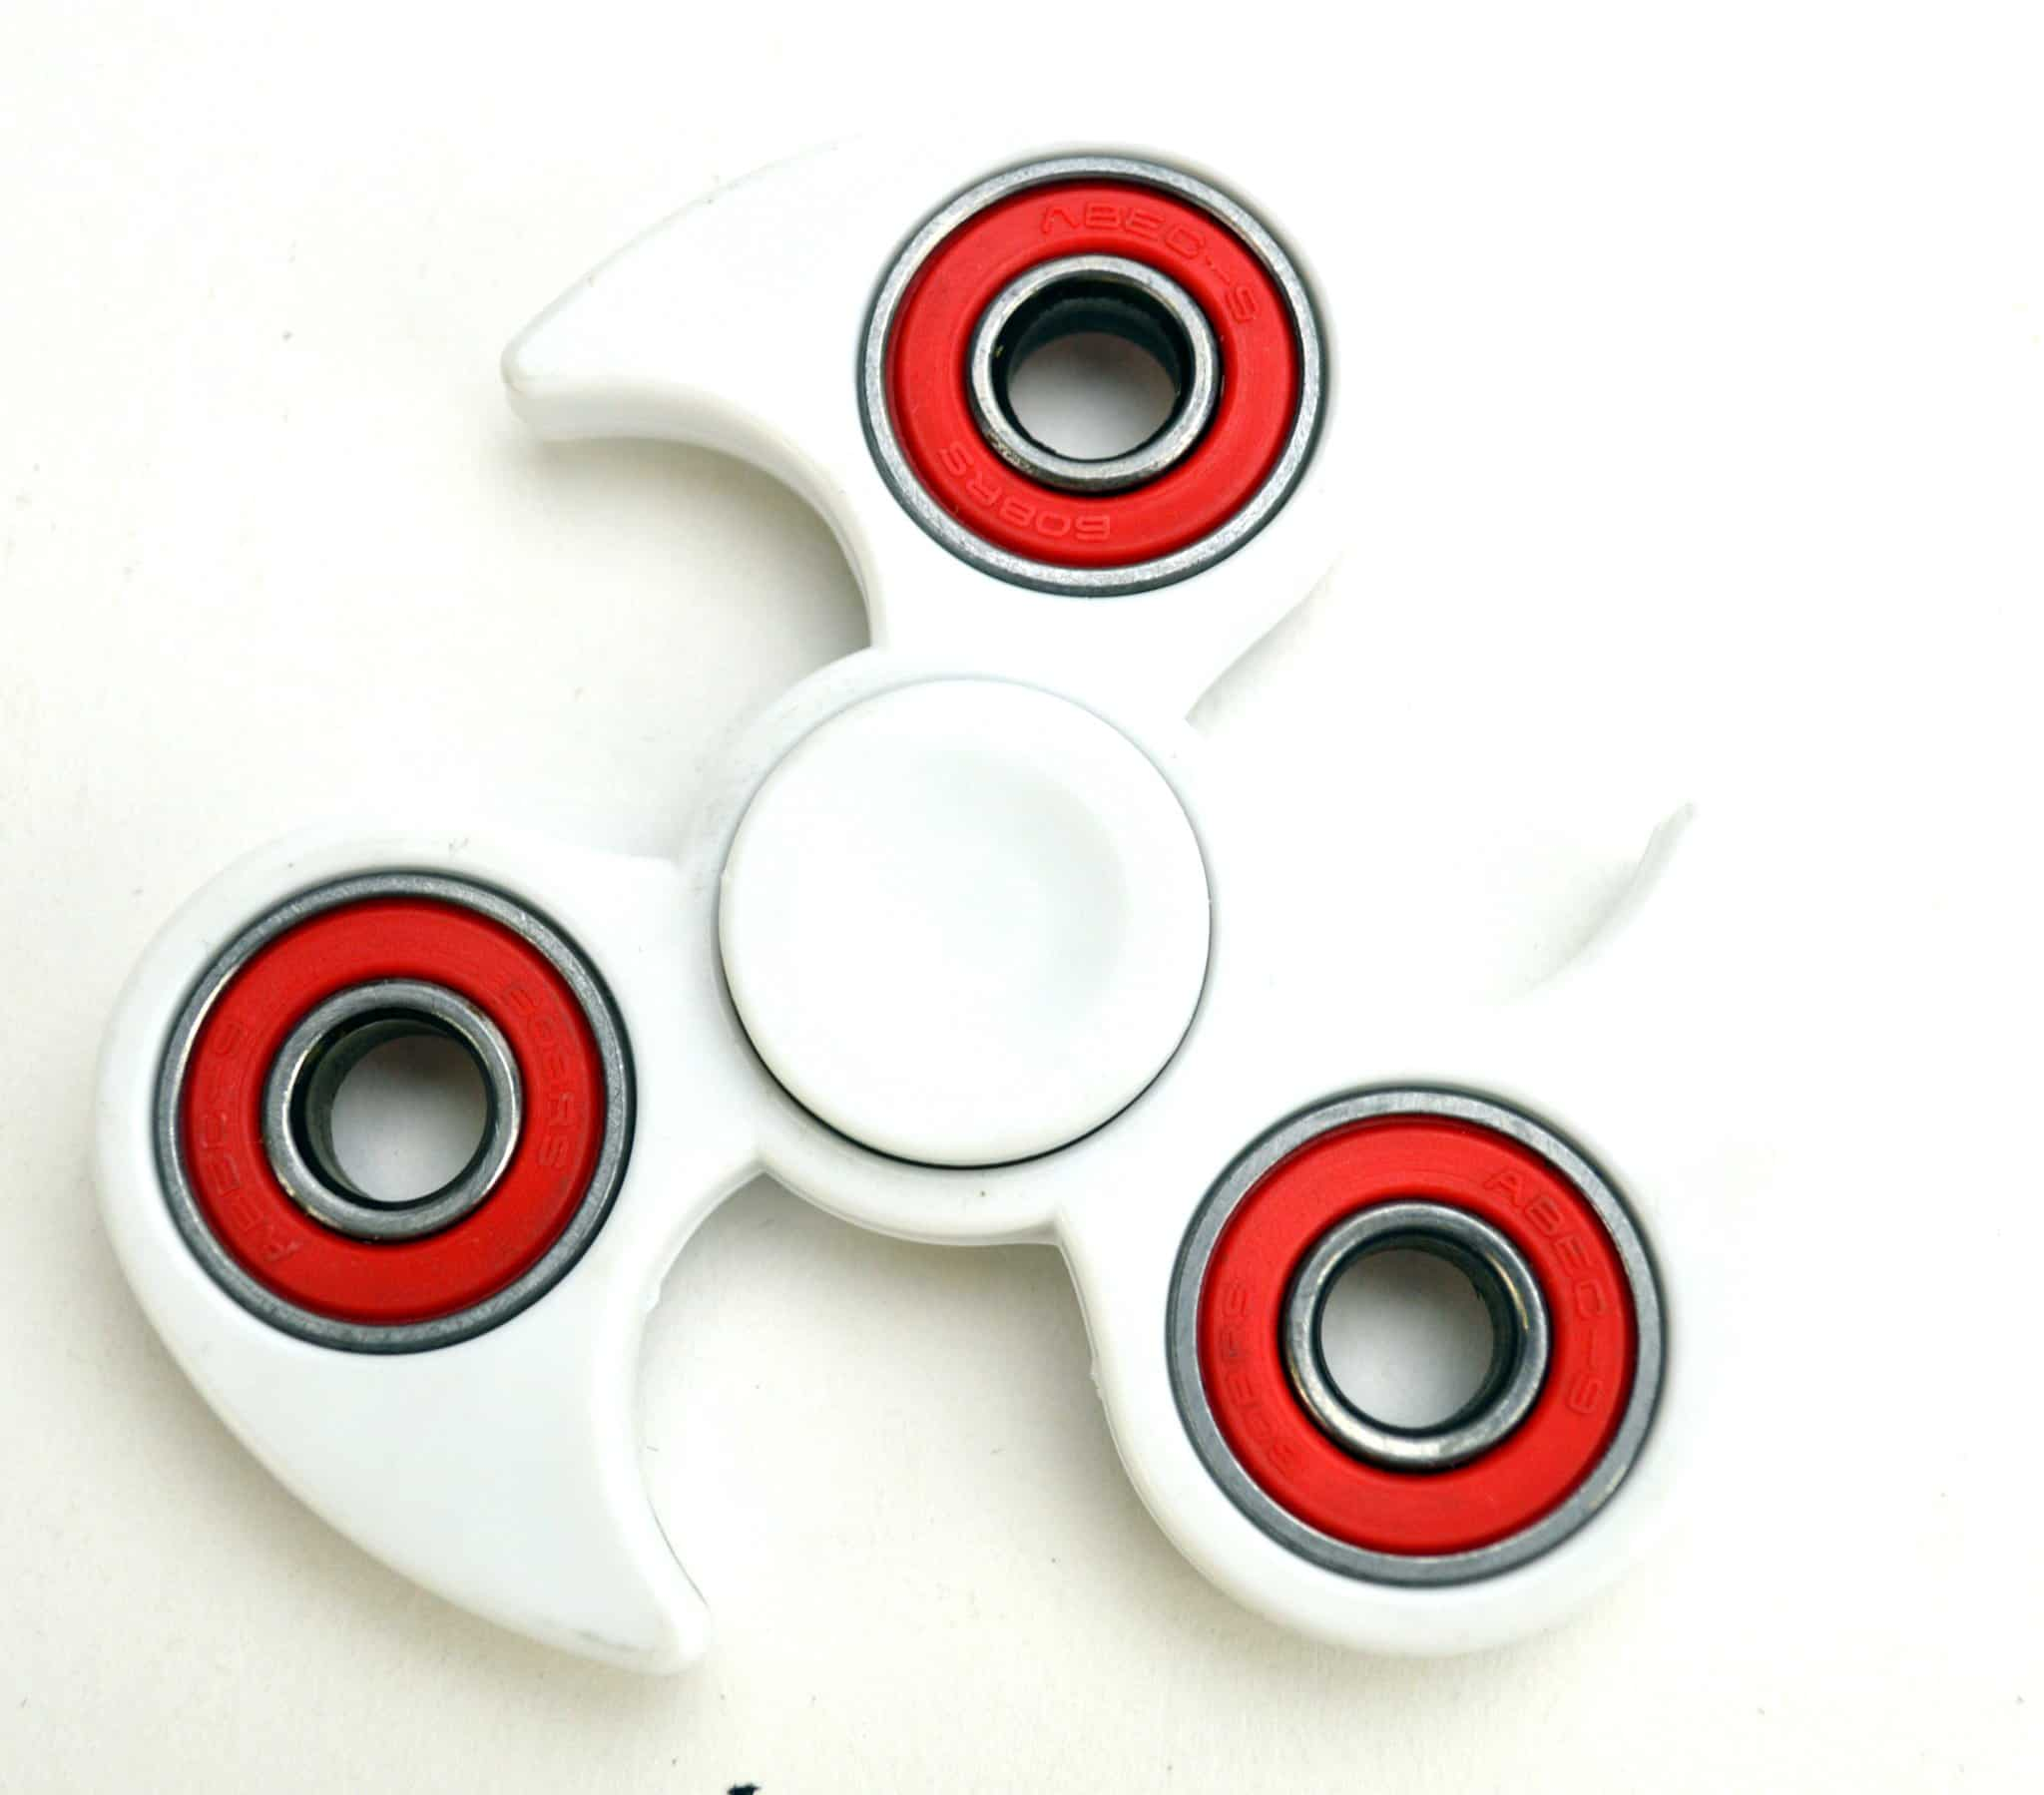 Ninja Star Fidget Spinner Vaporider